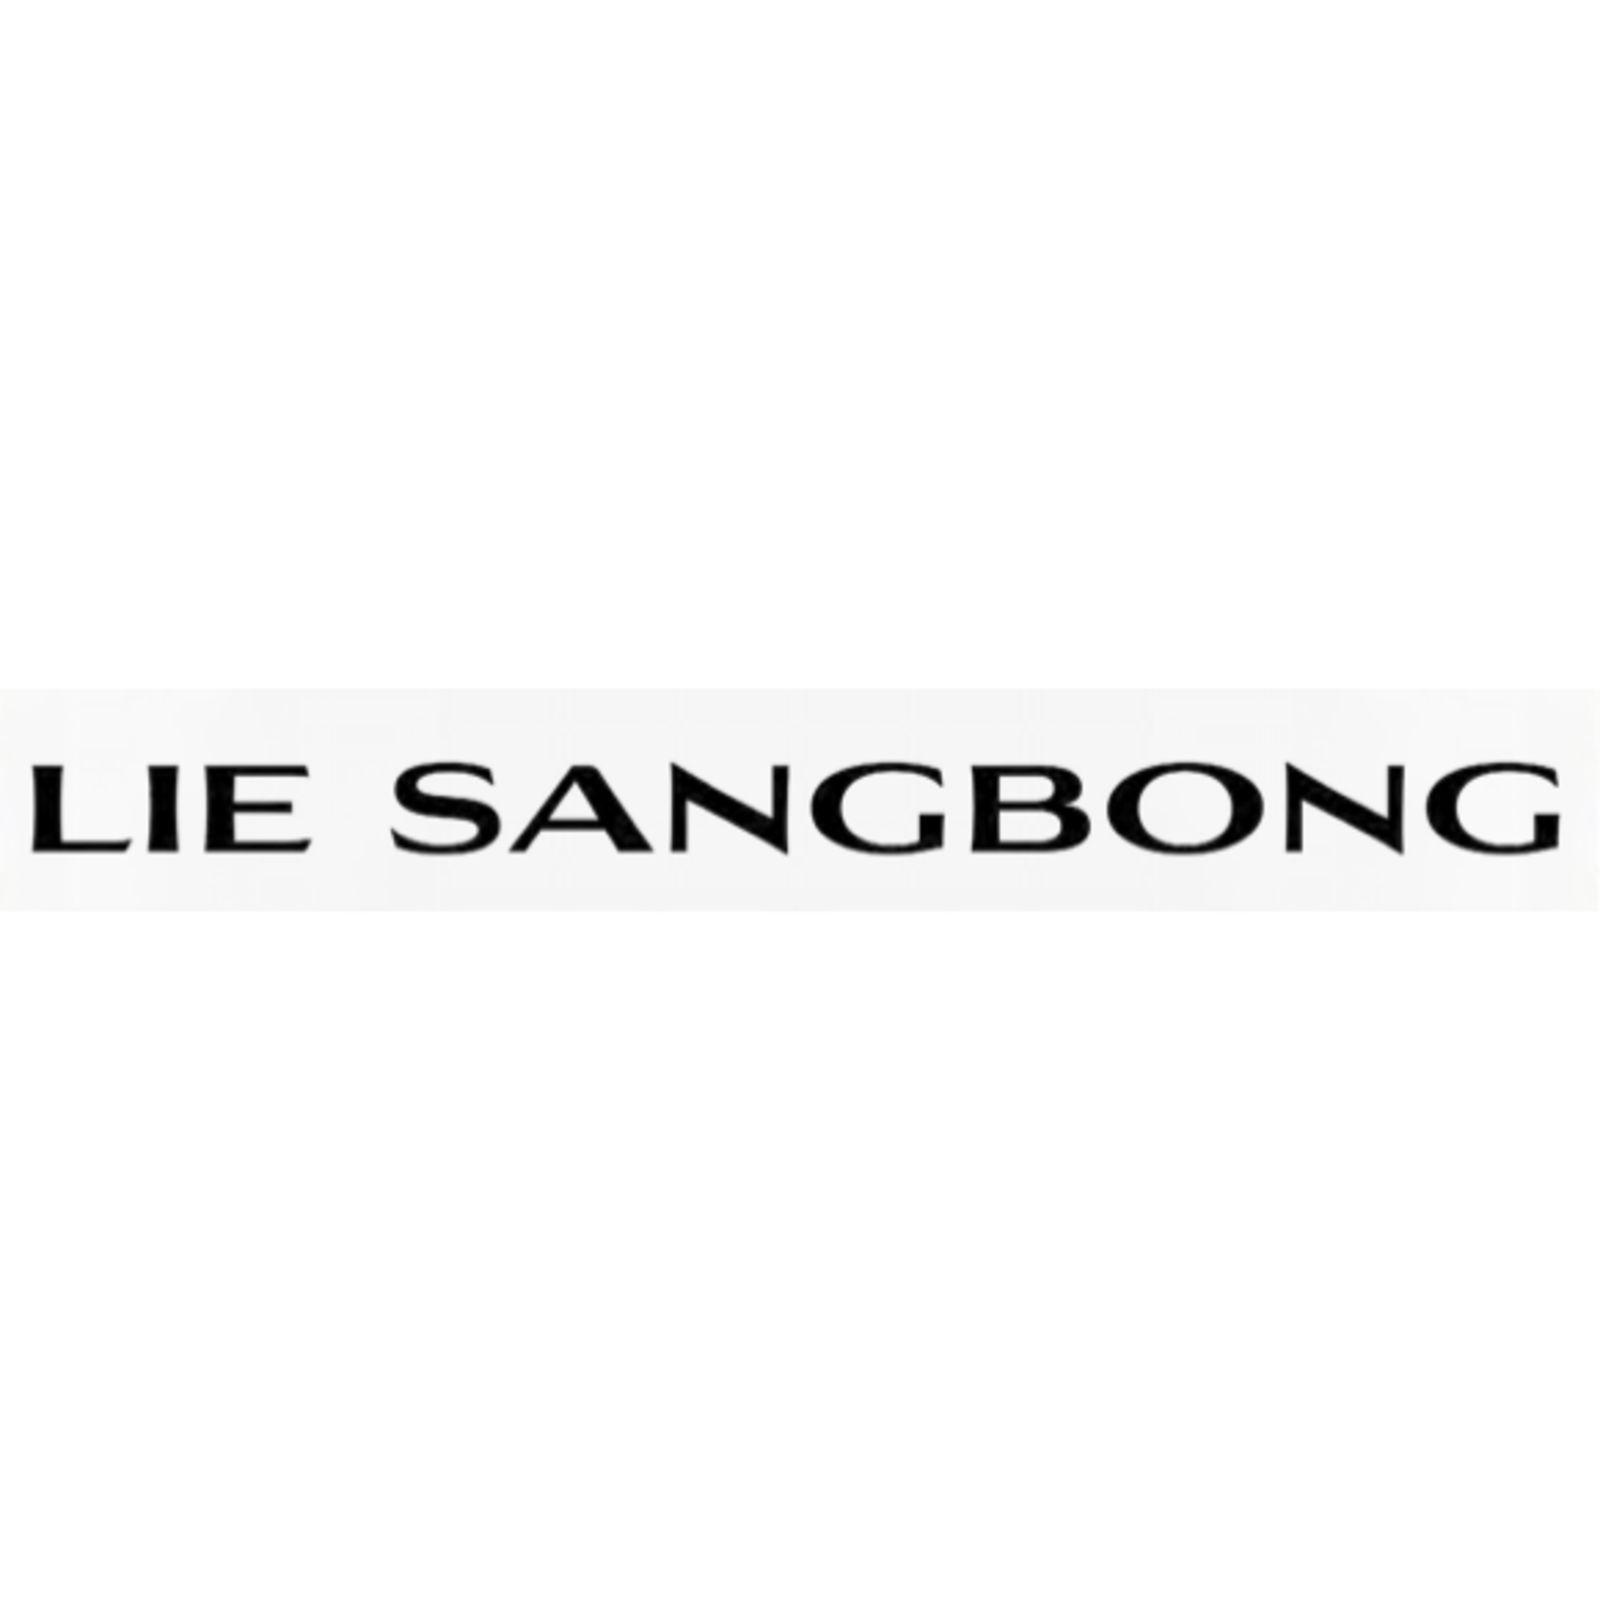 LIE SANGBONG